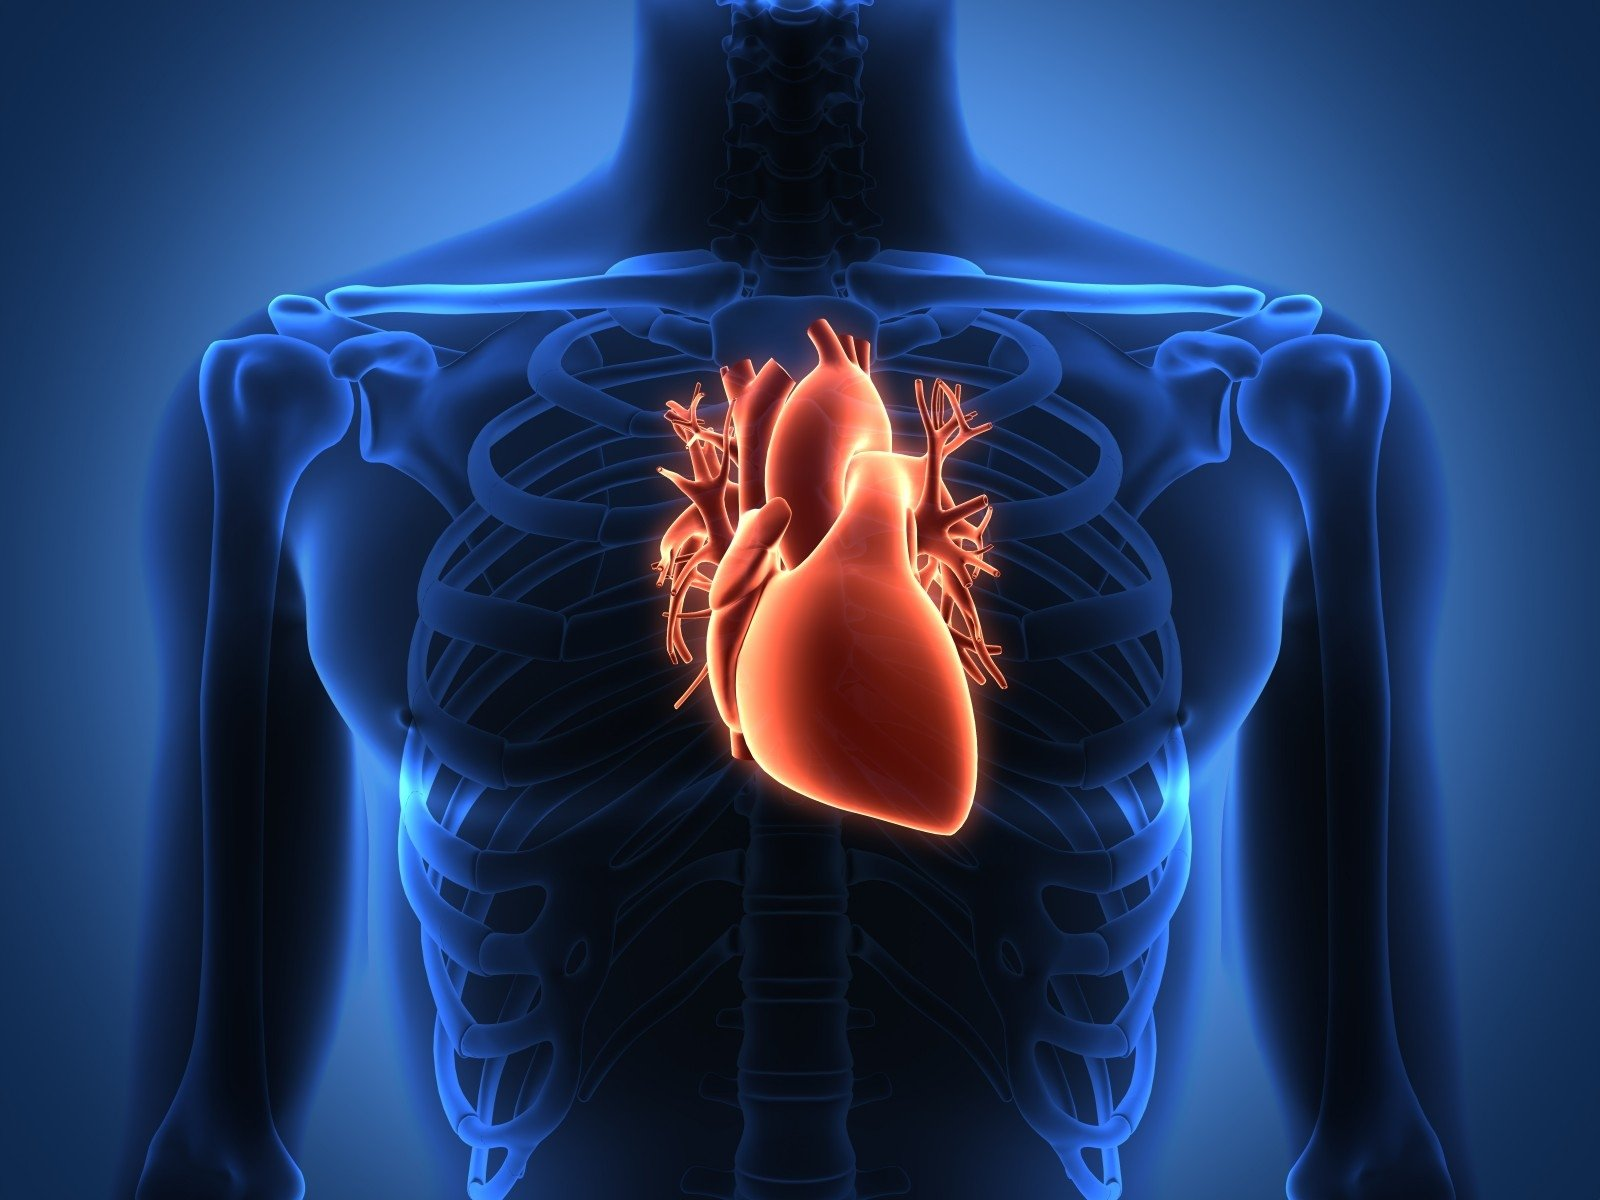 patarimai širdies sveikatai 2 hipertenzijos kategorija